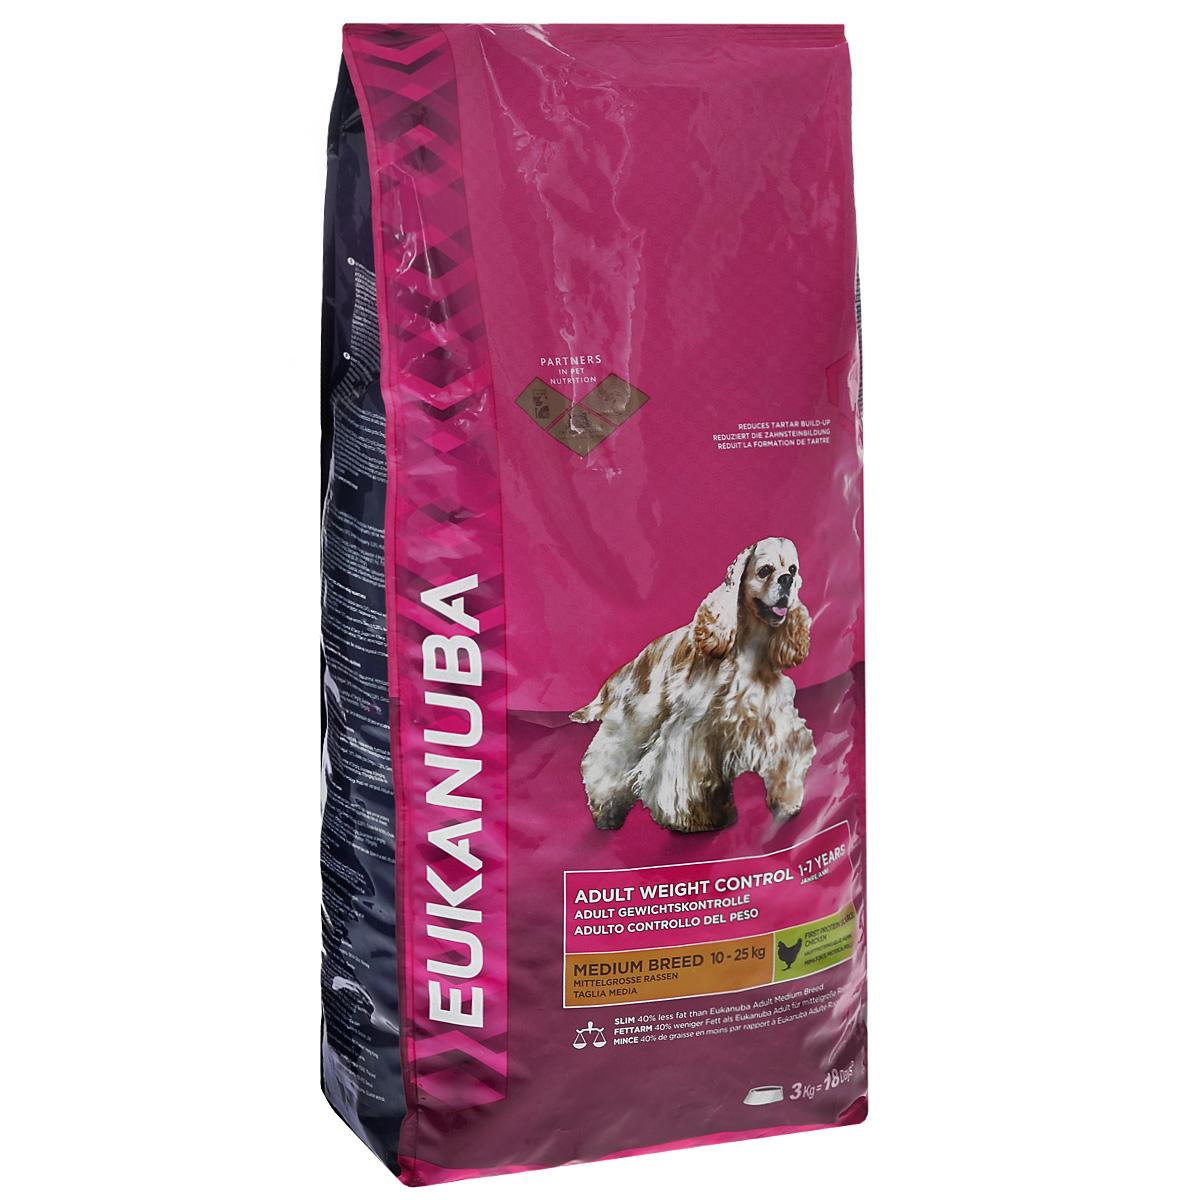 Корм сухой Eukanuba для взрослых собак мелких и средних пород с низкой активностью, 3 кг81098649Сухой корм Eukanuba является полноценным сбалансированным питанием на основе мяса курицы для взрослых собак мелких и средних пород (весом до 25 кг) со склонностью к набору лишнего веса и возрастом от 1 до 7 лет. Мясо курицы - основной источник белка. Содействует построению и сохранению мускулатуры для наилучшей физической формы. Корм содержит на 40% меньше жира для контроля за избыточным весом. Не содержит искусственных красителей и ароматизаторов. Содержит разрешенные ЕС антиоксиданты (токоферолы). Eukanuba заботится о здоровье вашего любимца. Особенности корма Eukanuba: - важный антиоксидант поддерживает естественную защиту организма вашего питомца; - пребиотики и пульпа сахарной свеклы способствуют поддержанию здорового пищеварения путем обеспечения нормального функционирования кишечника; - оптимальное соотношение омега-6 и омега-3 жирных кислот помогает укреплять здоровье кожи и шерсти; -...